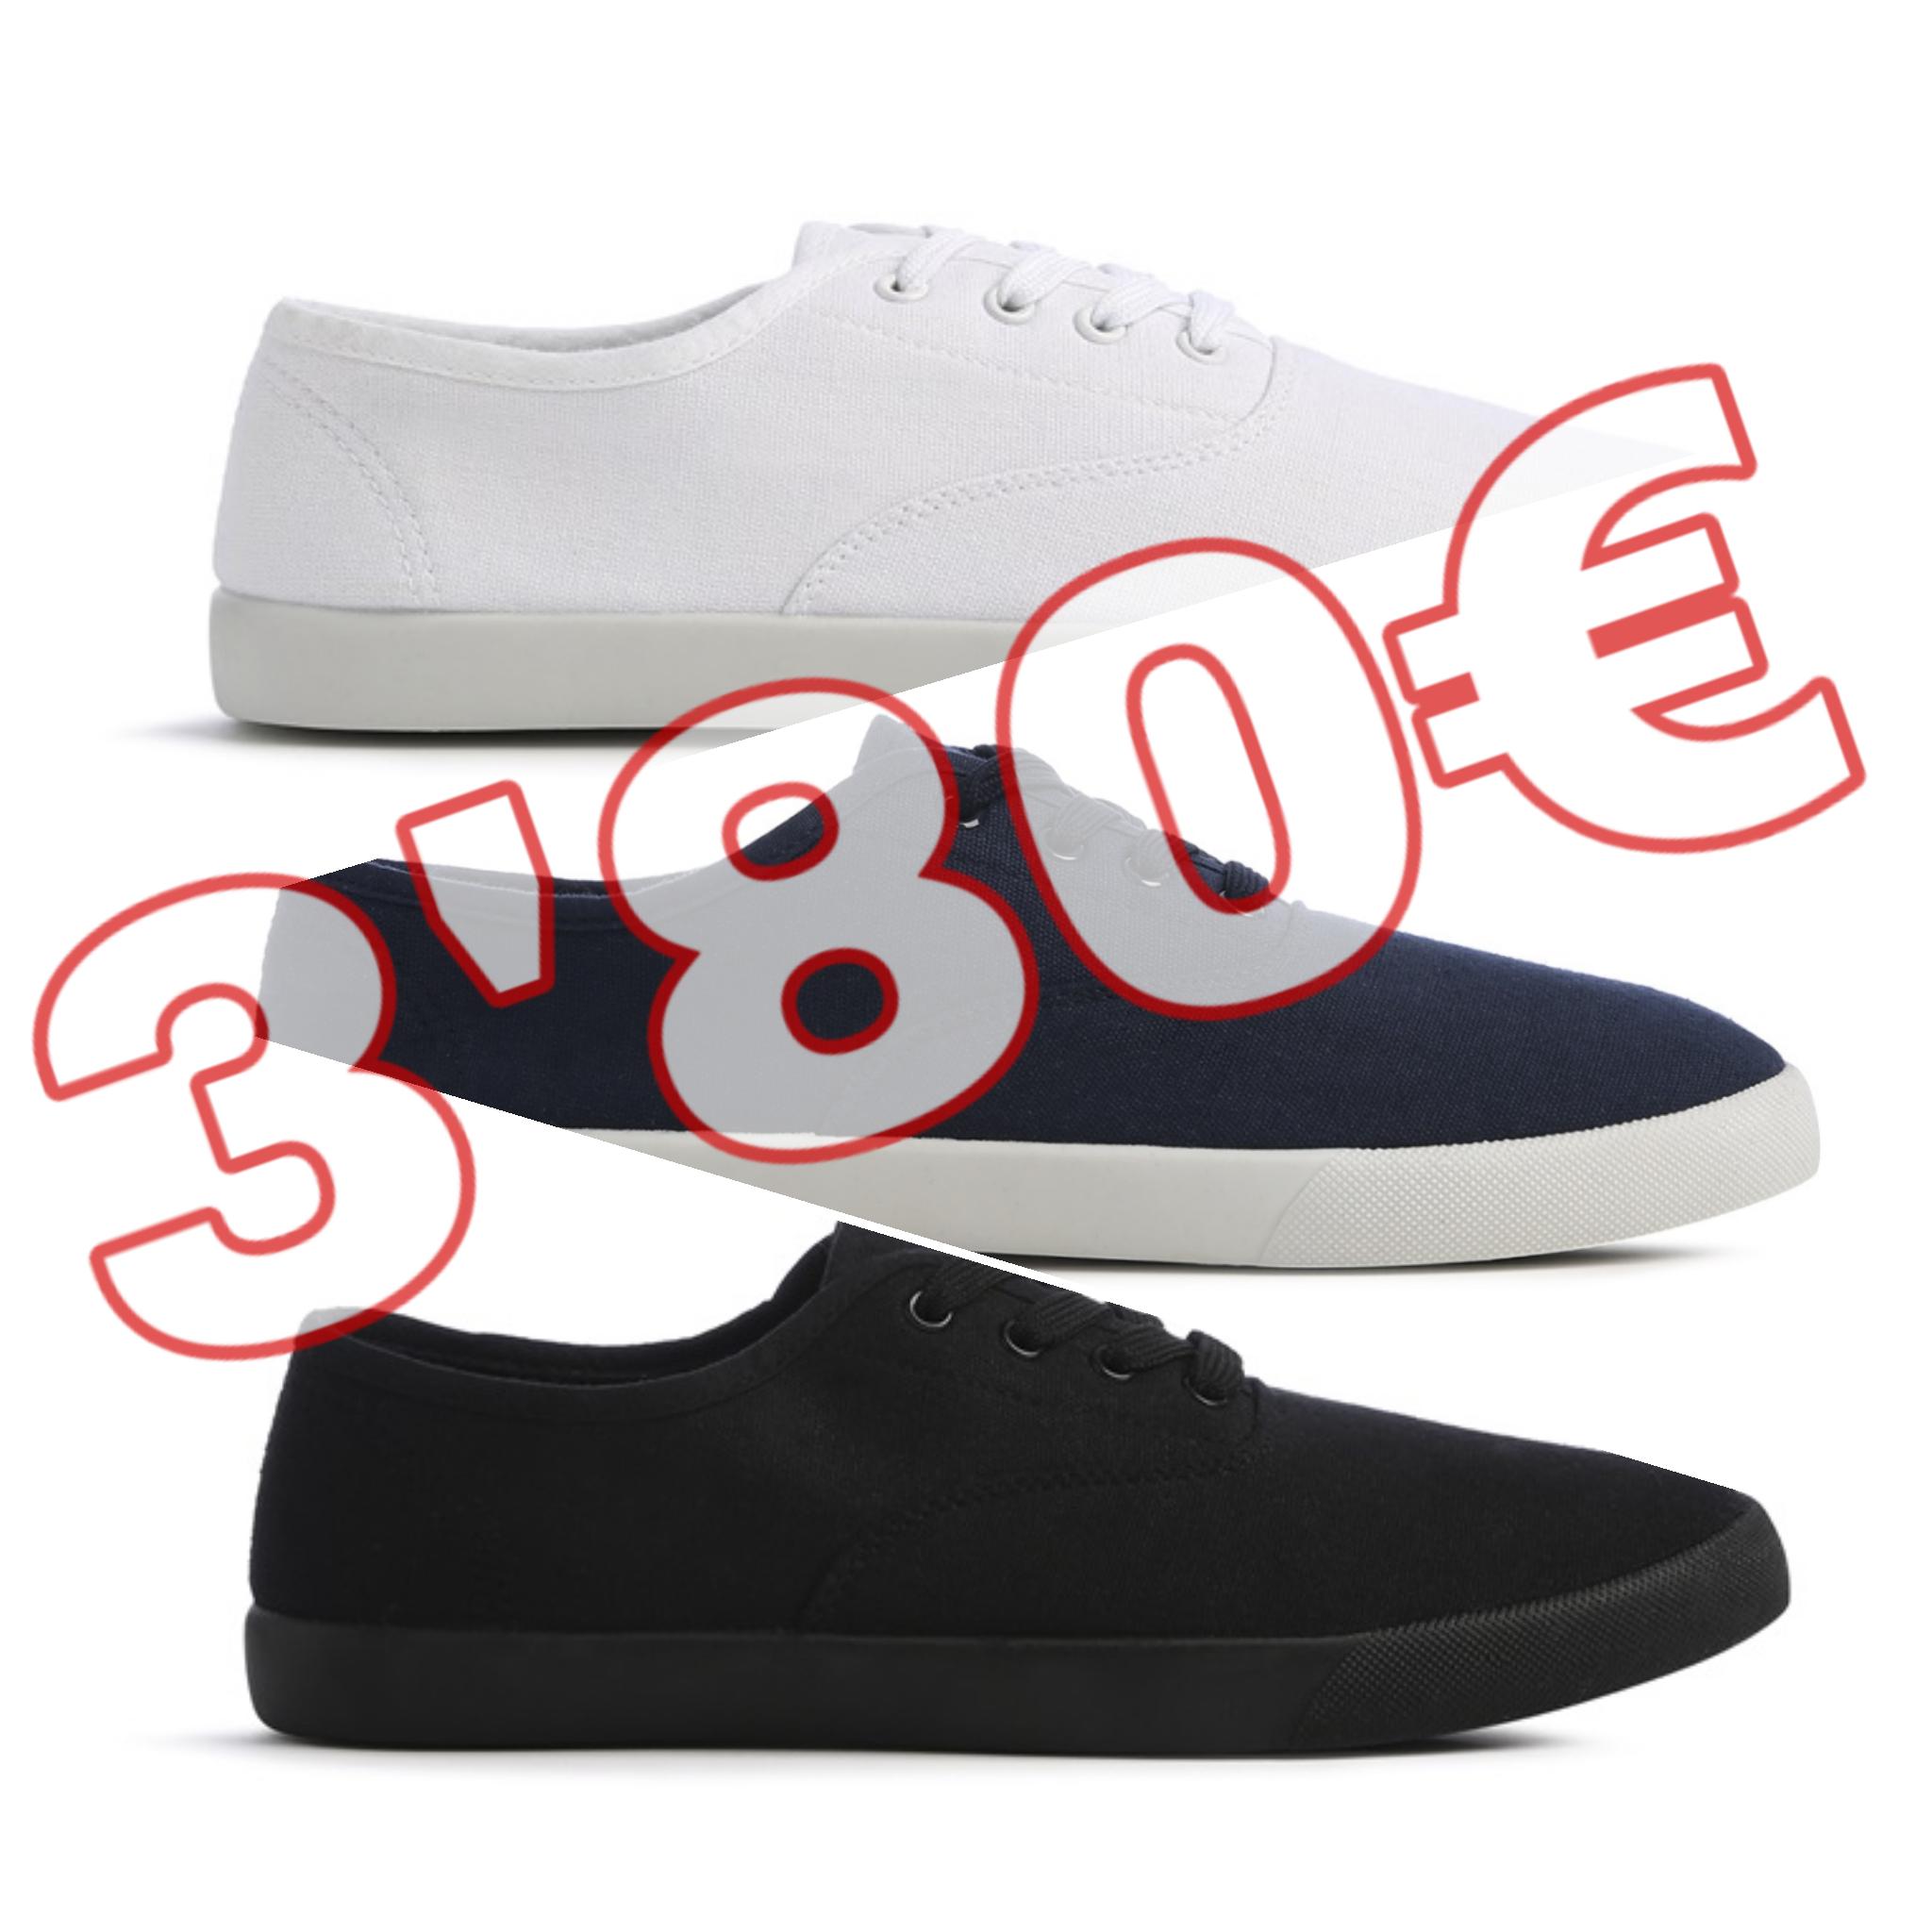 Increíble precio en zapatos para hombre